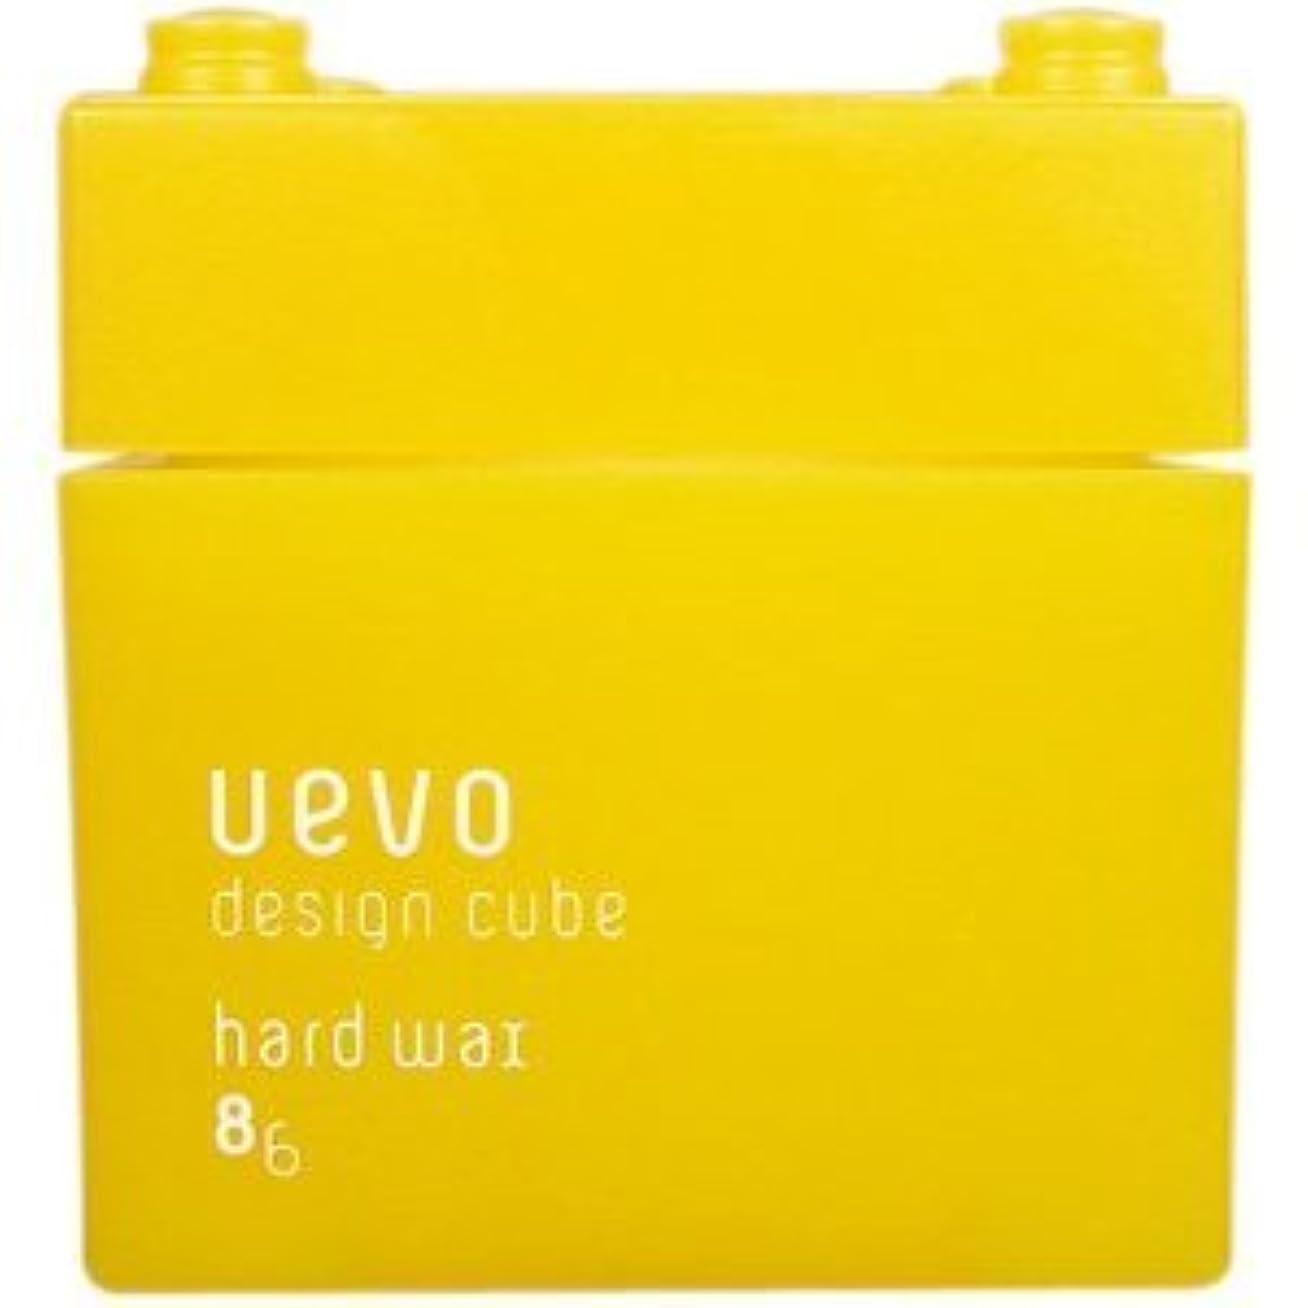 うん把握キー【X3個セット】 デミ ウェーボ デザインキューブ ハードワックス 80g hard wax DEMI uevo design cube